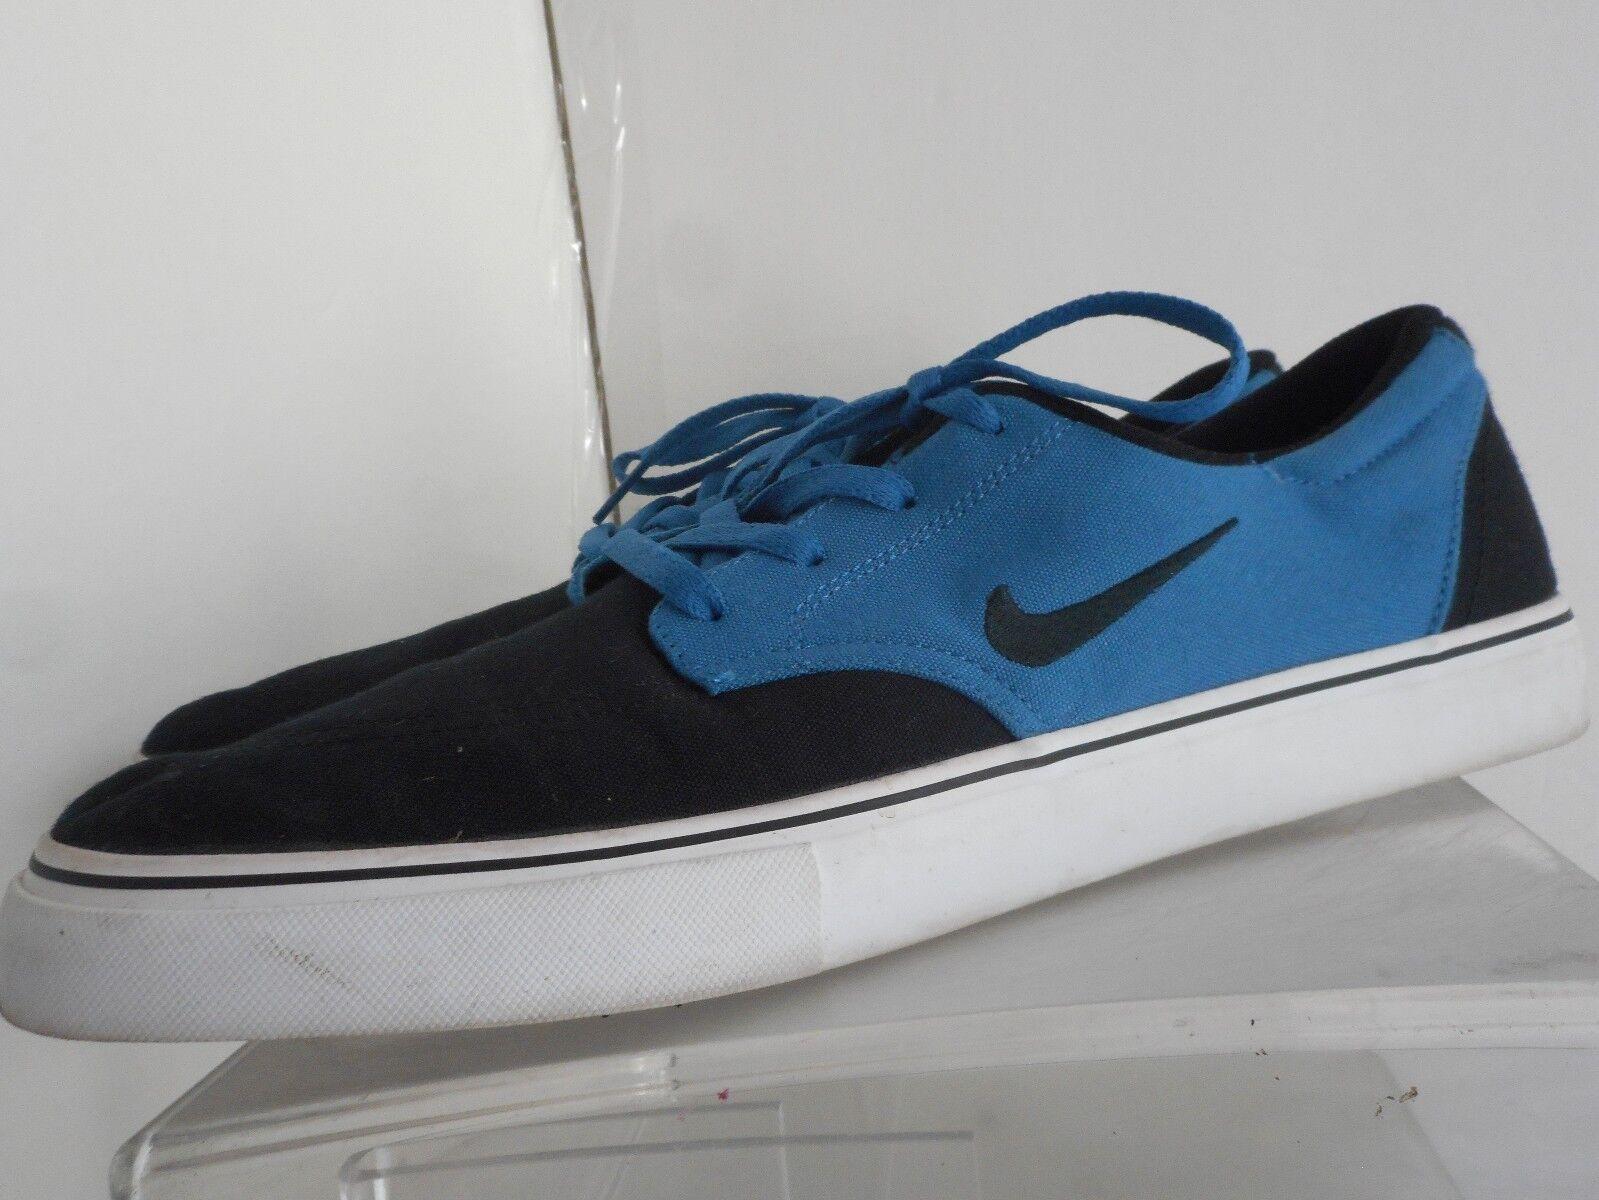 brand new 868dd f0b73 where can i buy nike flywire shoes. nike 49db3 db729  free shipping nike sb  brigada skate zapatos style clutch brigada sb azul salvaje 729825 401  reducción